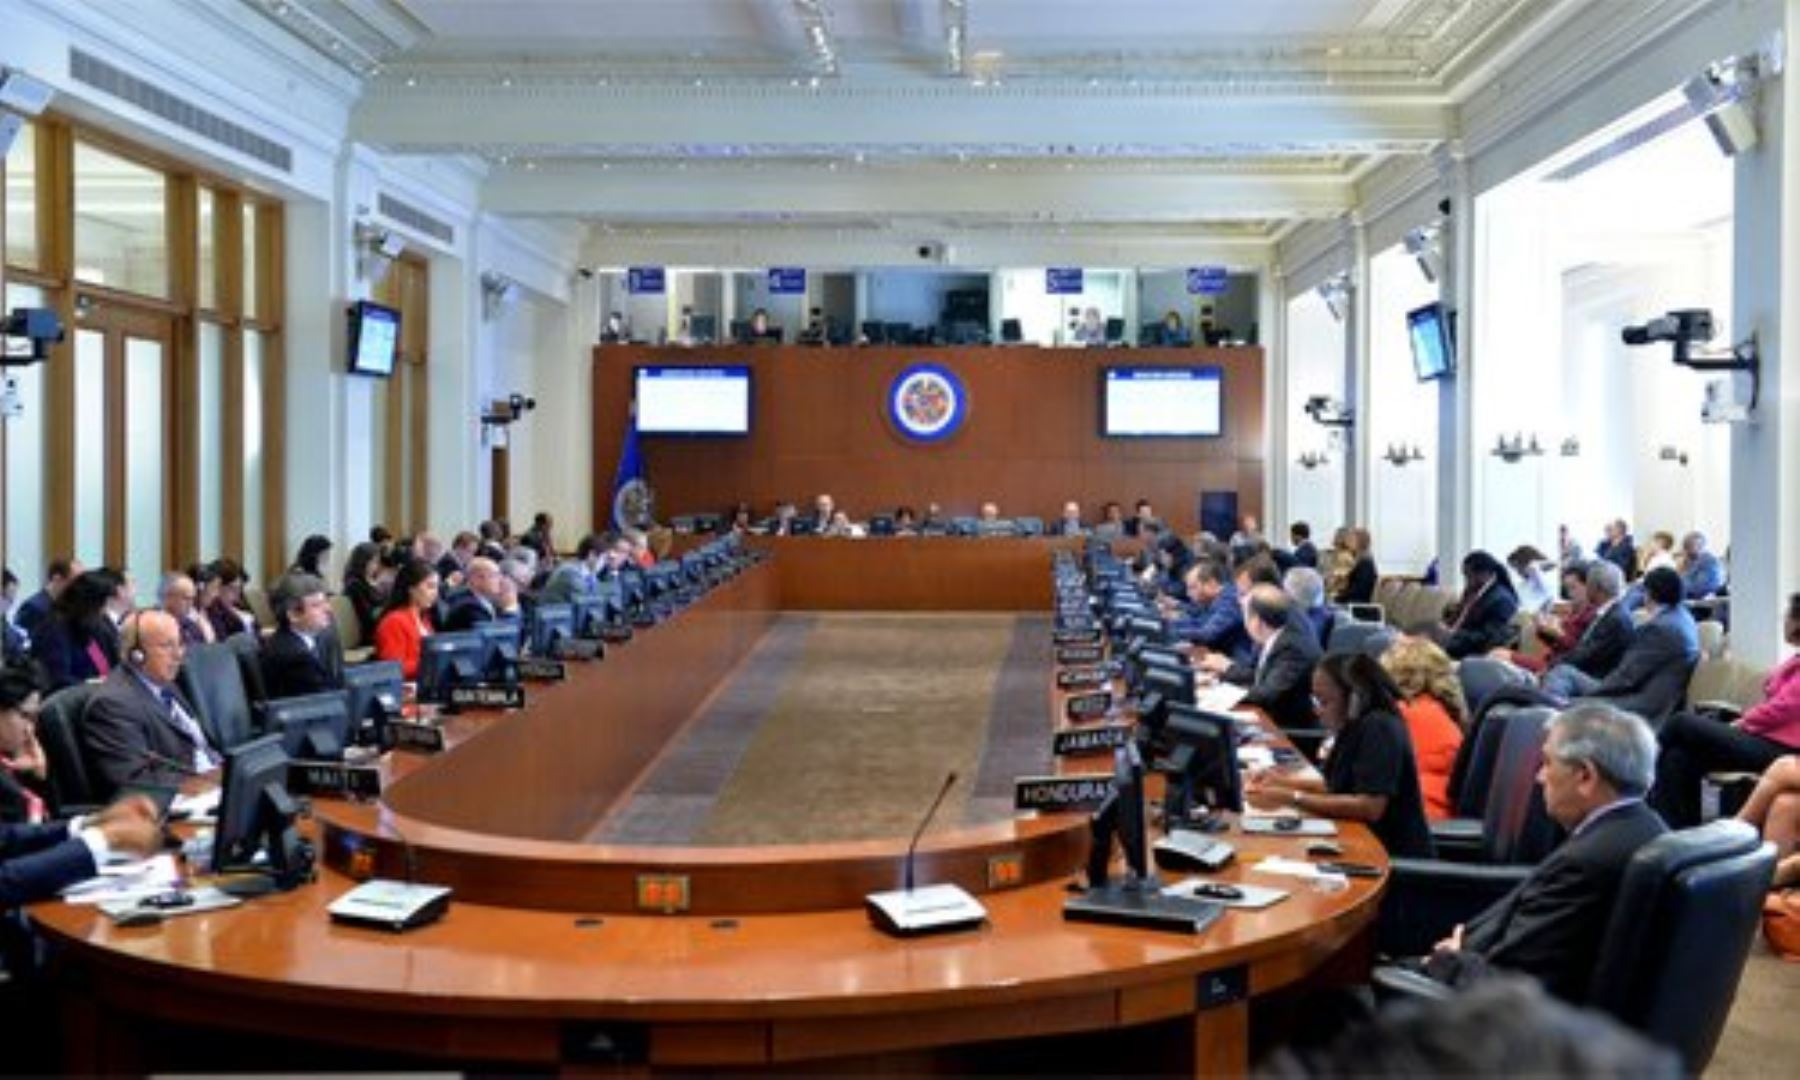 Sesión extraordinaria de la OEA. Difusión